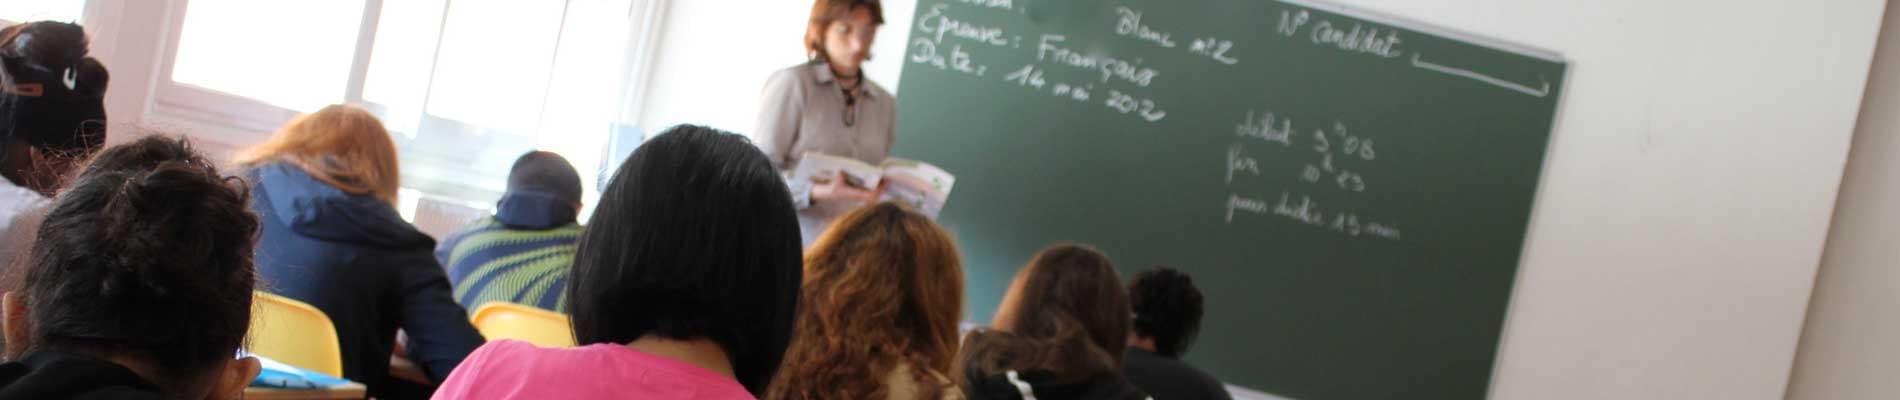 Educación media o secundaria